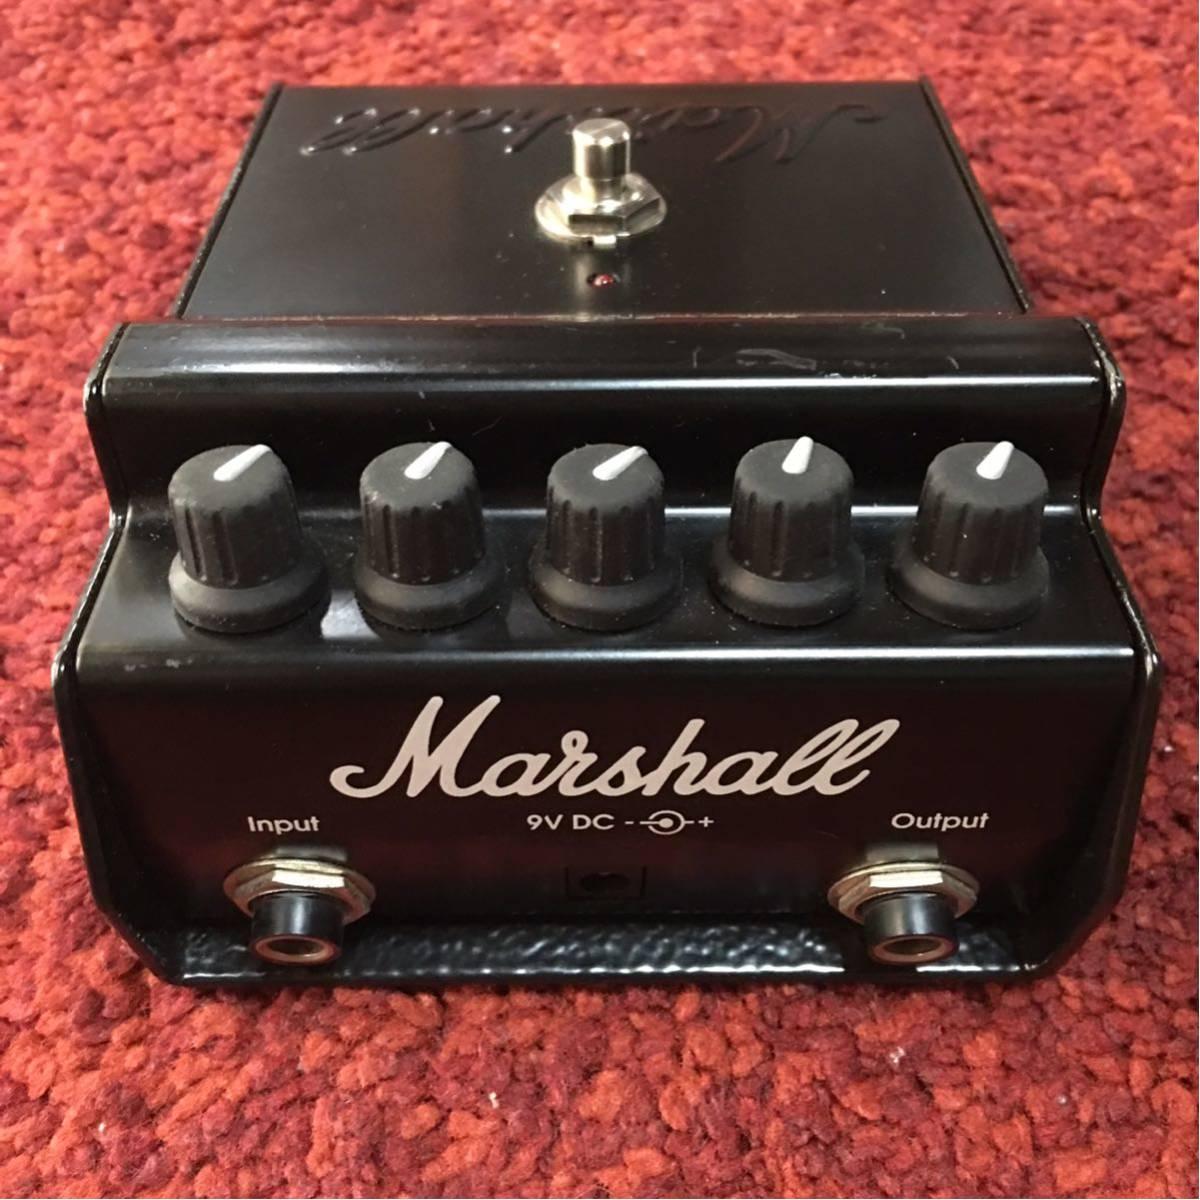 Marshall マーシャル SHRED MASTER シュレッドマスター RADIOHEAD ジョニーグリーンウッド使用_画像2